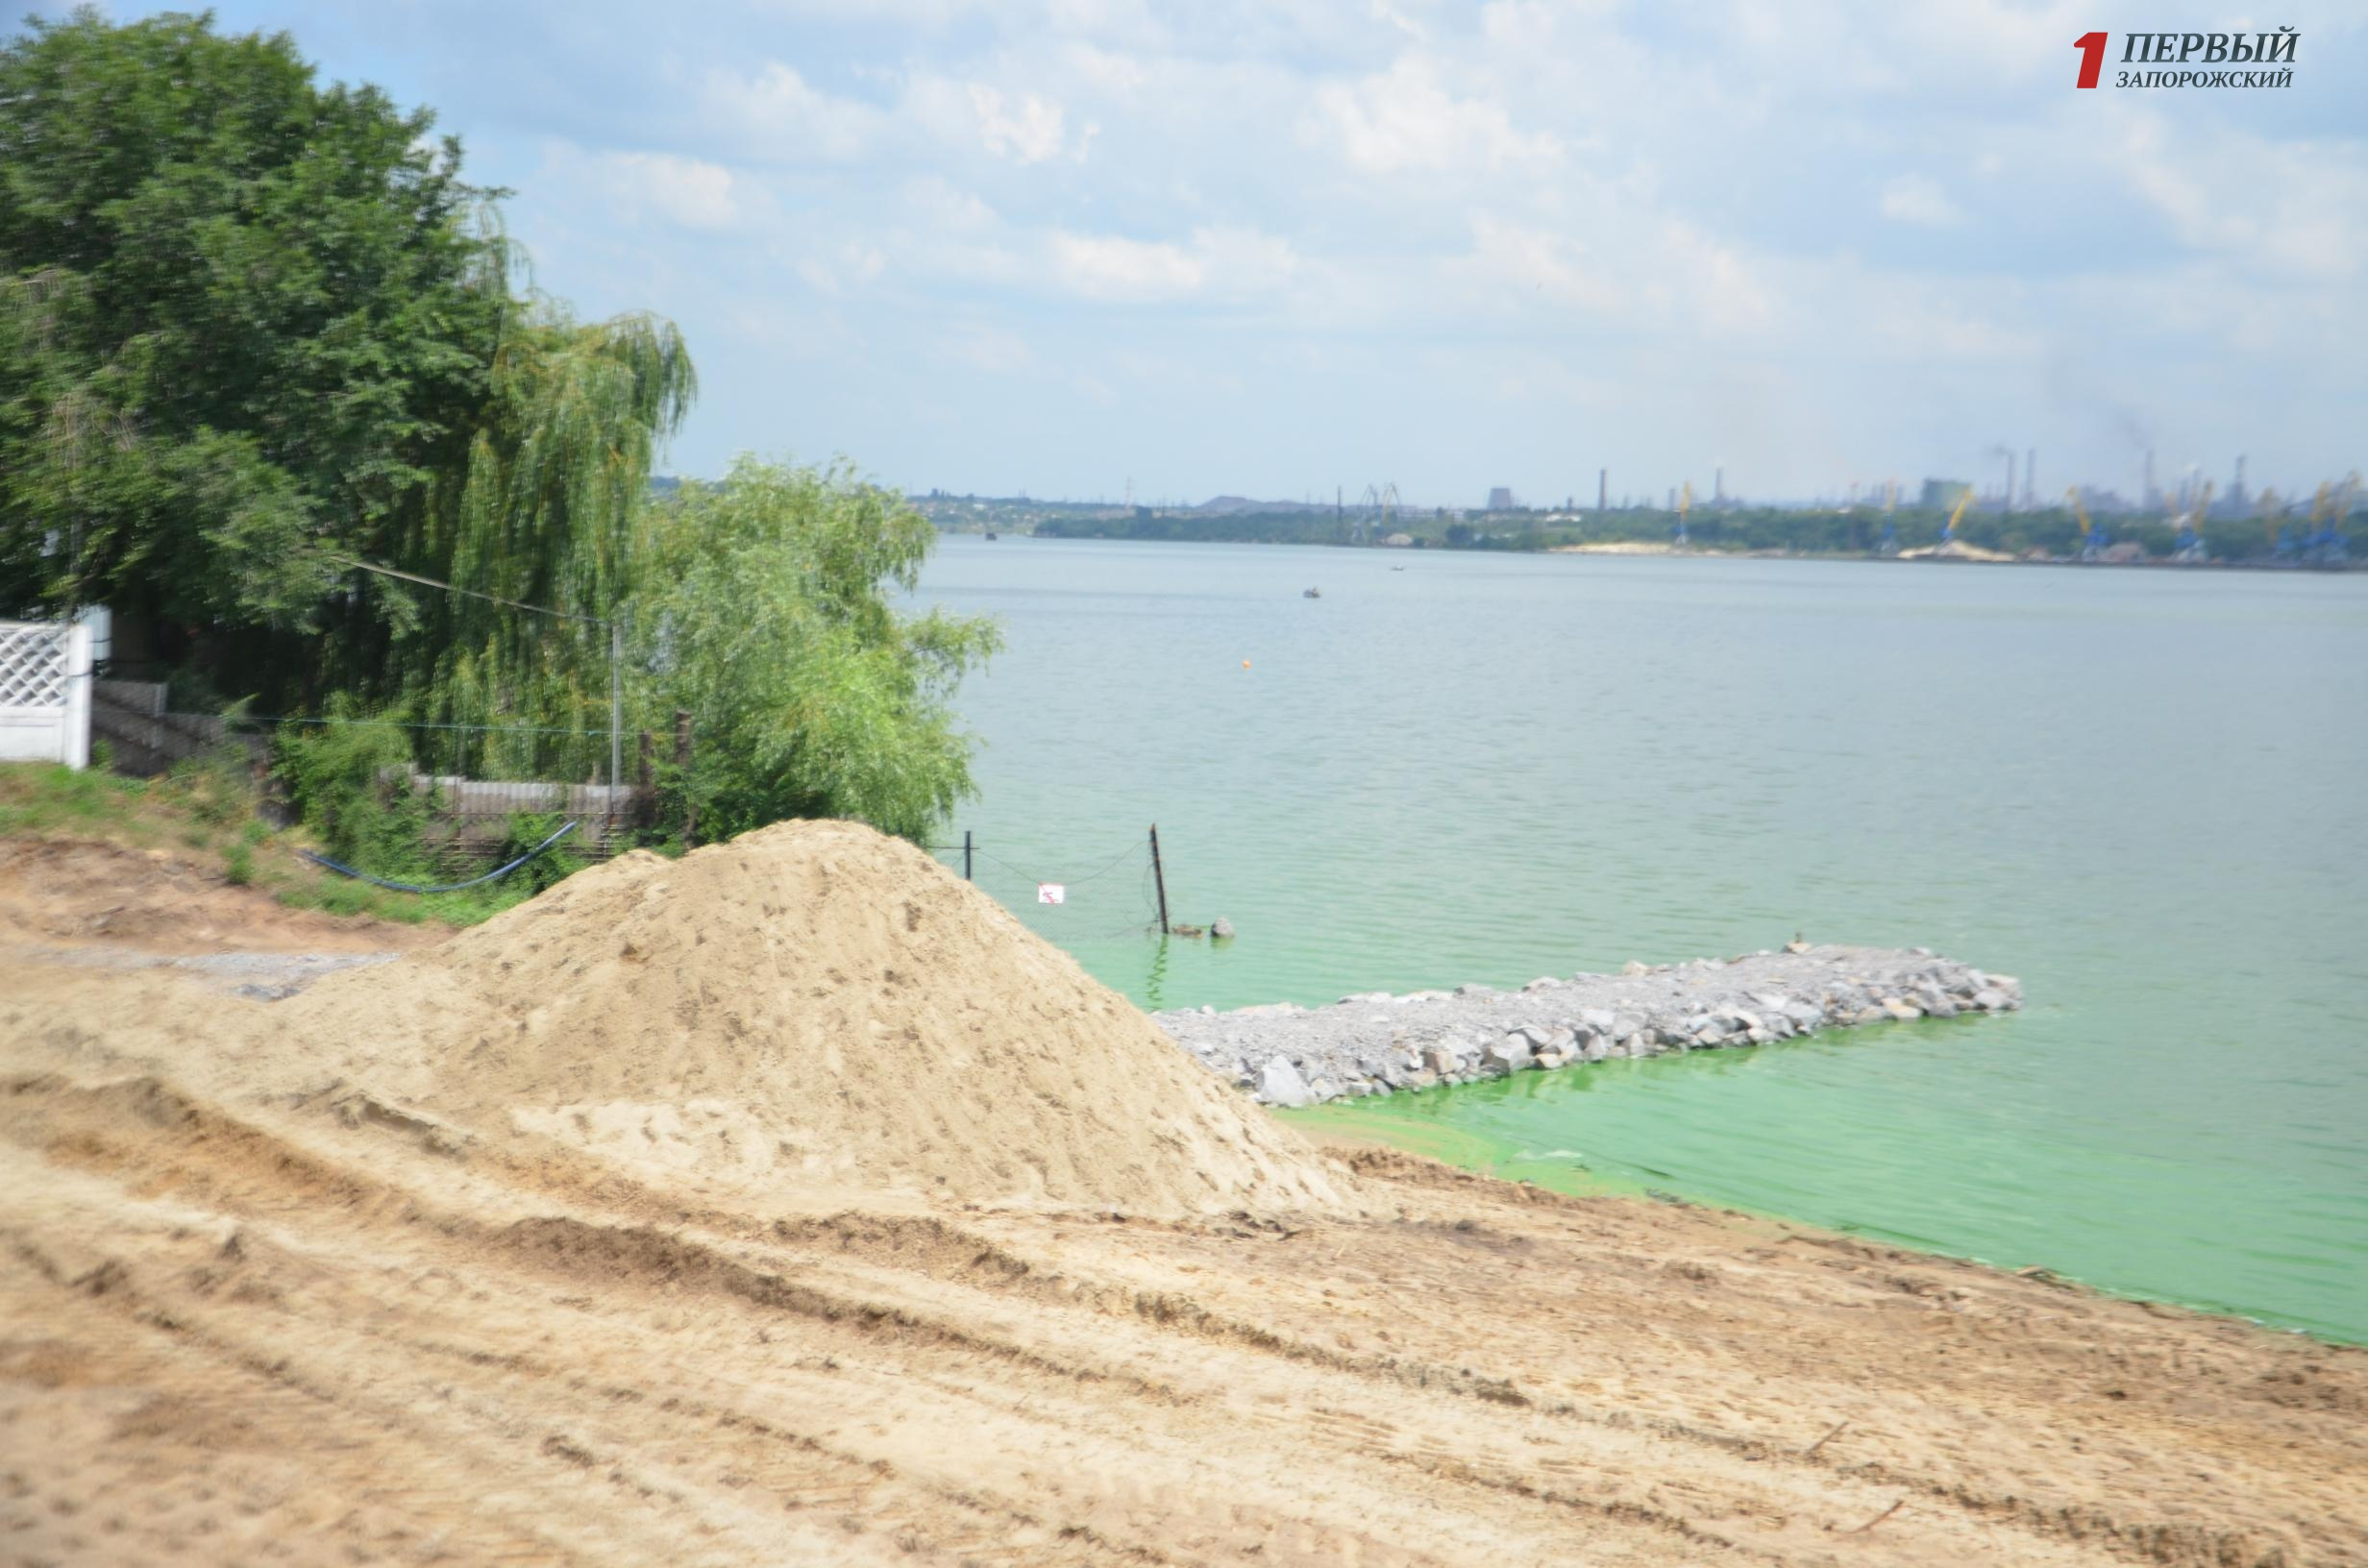 Свершилось: в Запорожье началась реконструкция Правобережного пляжа — ФОТО